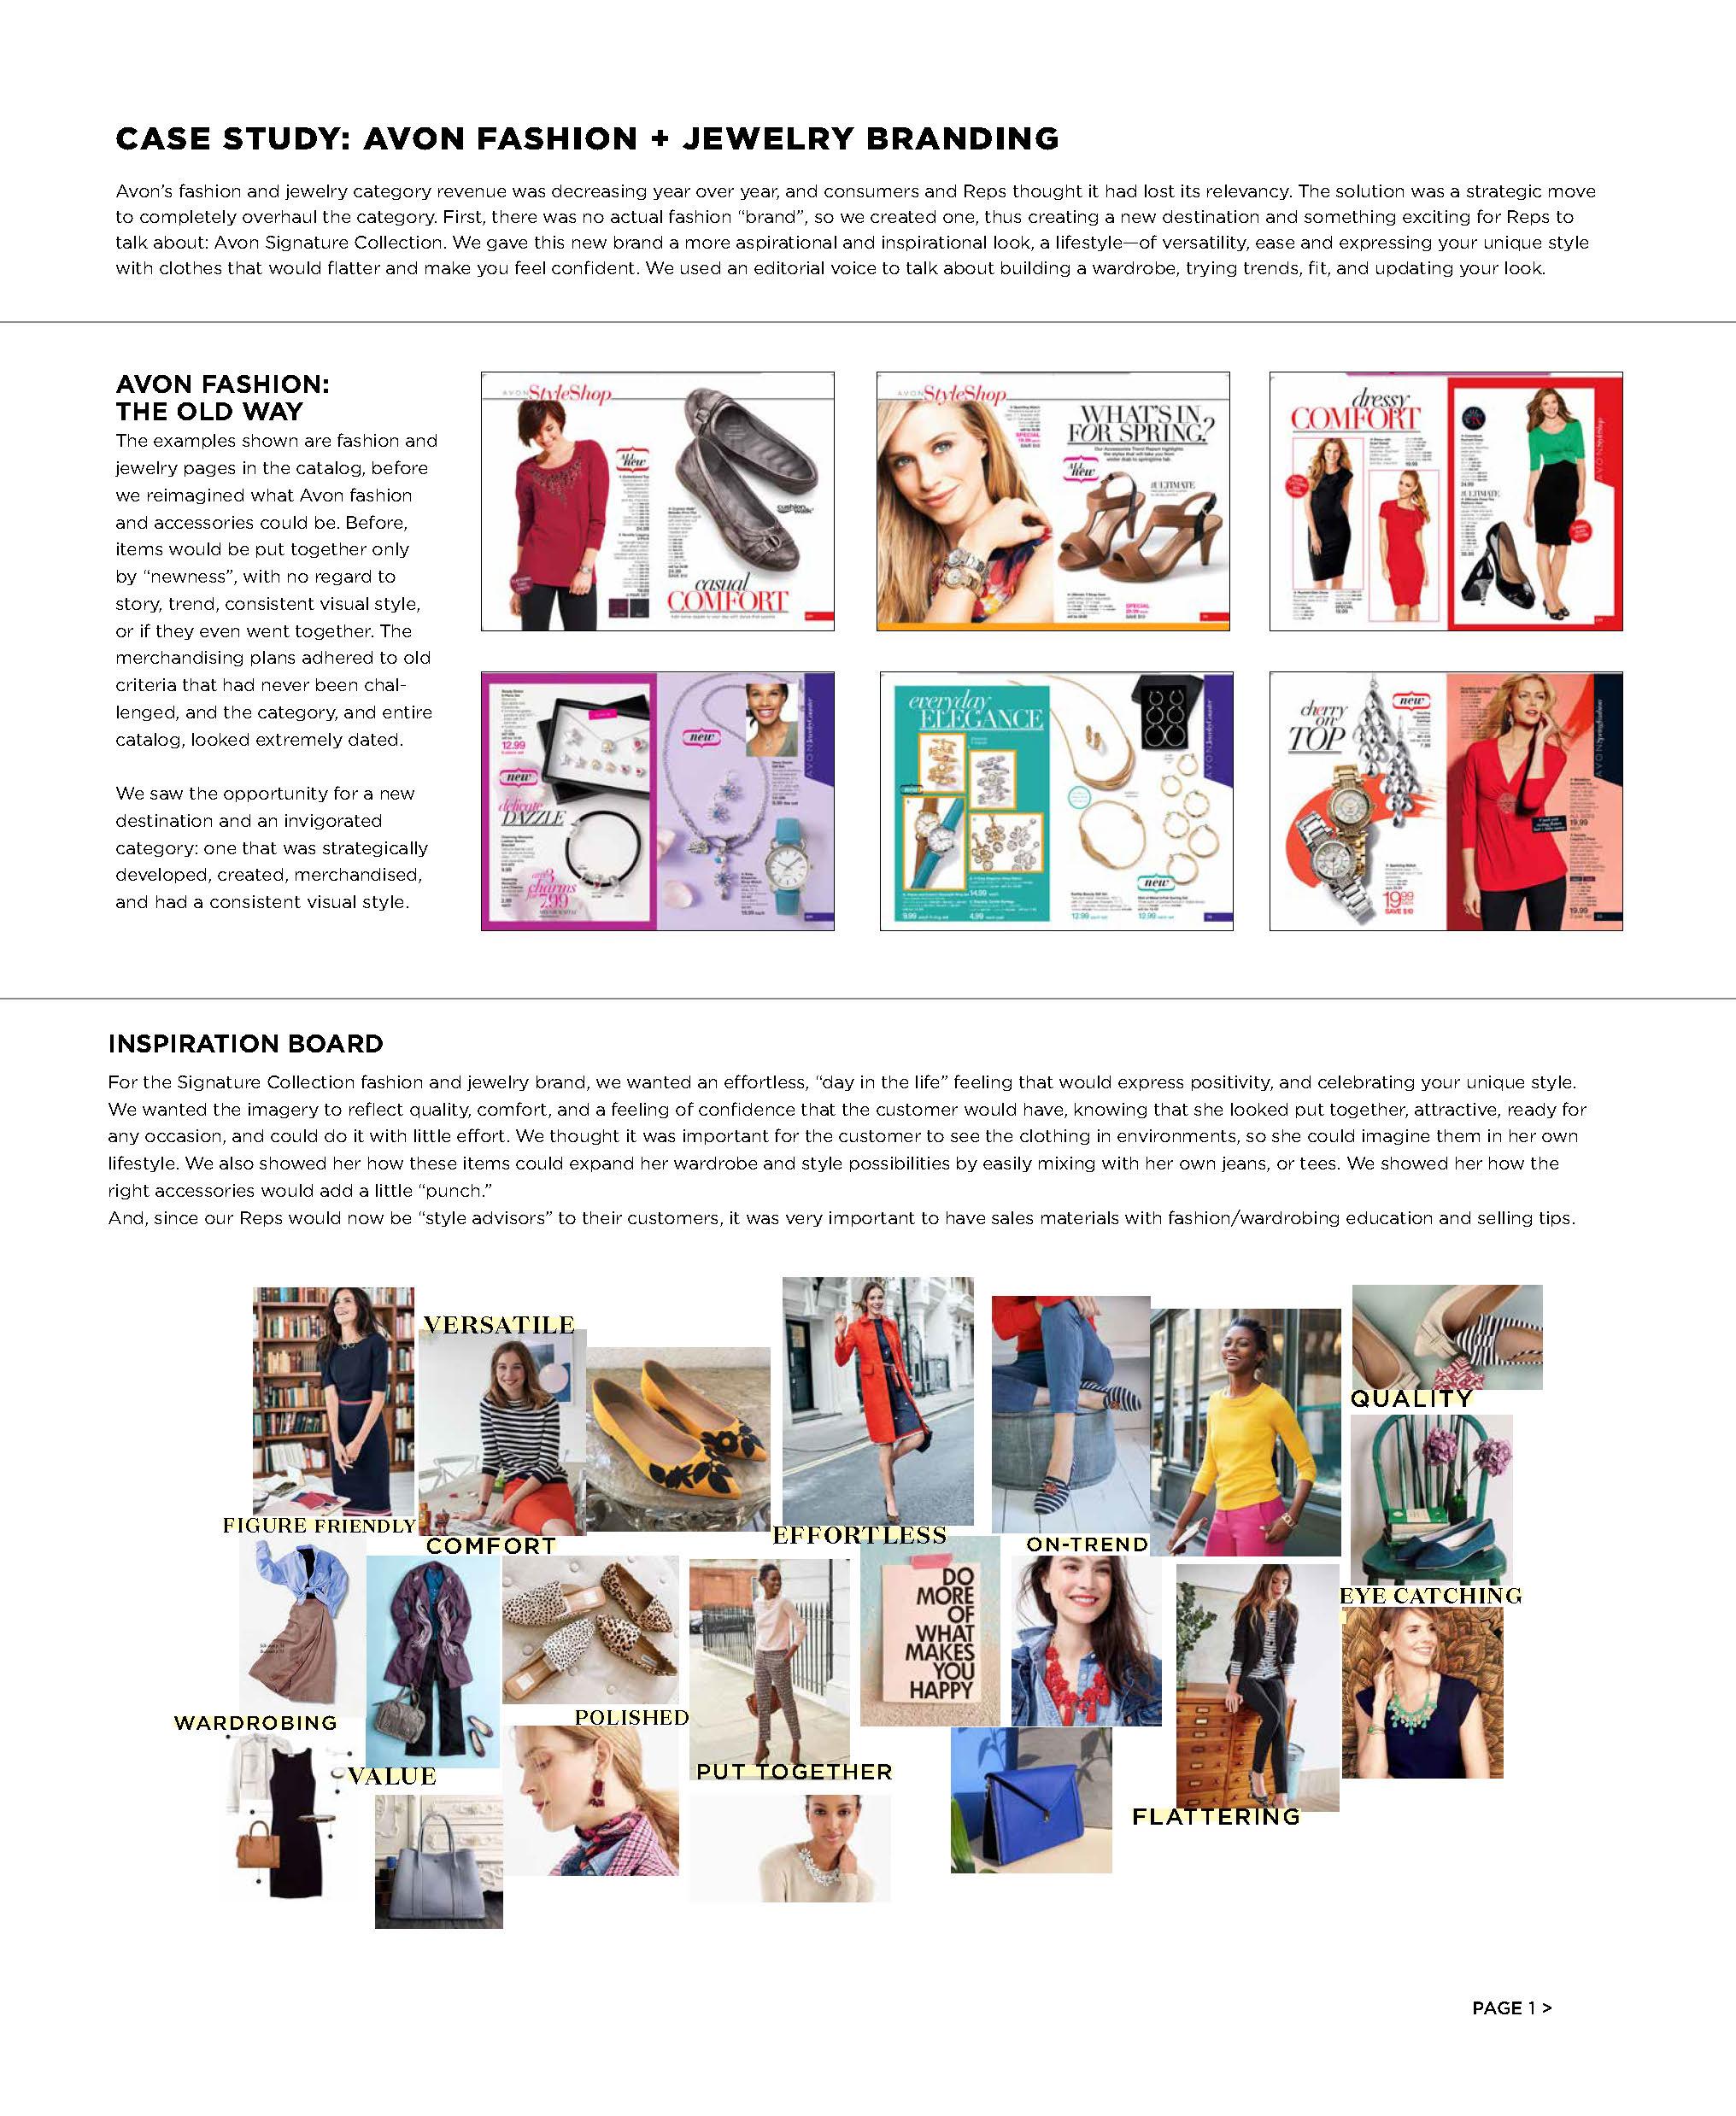 Fashion.Avon.CaseStudy_Page_1.jpg